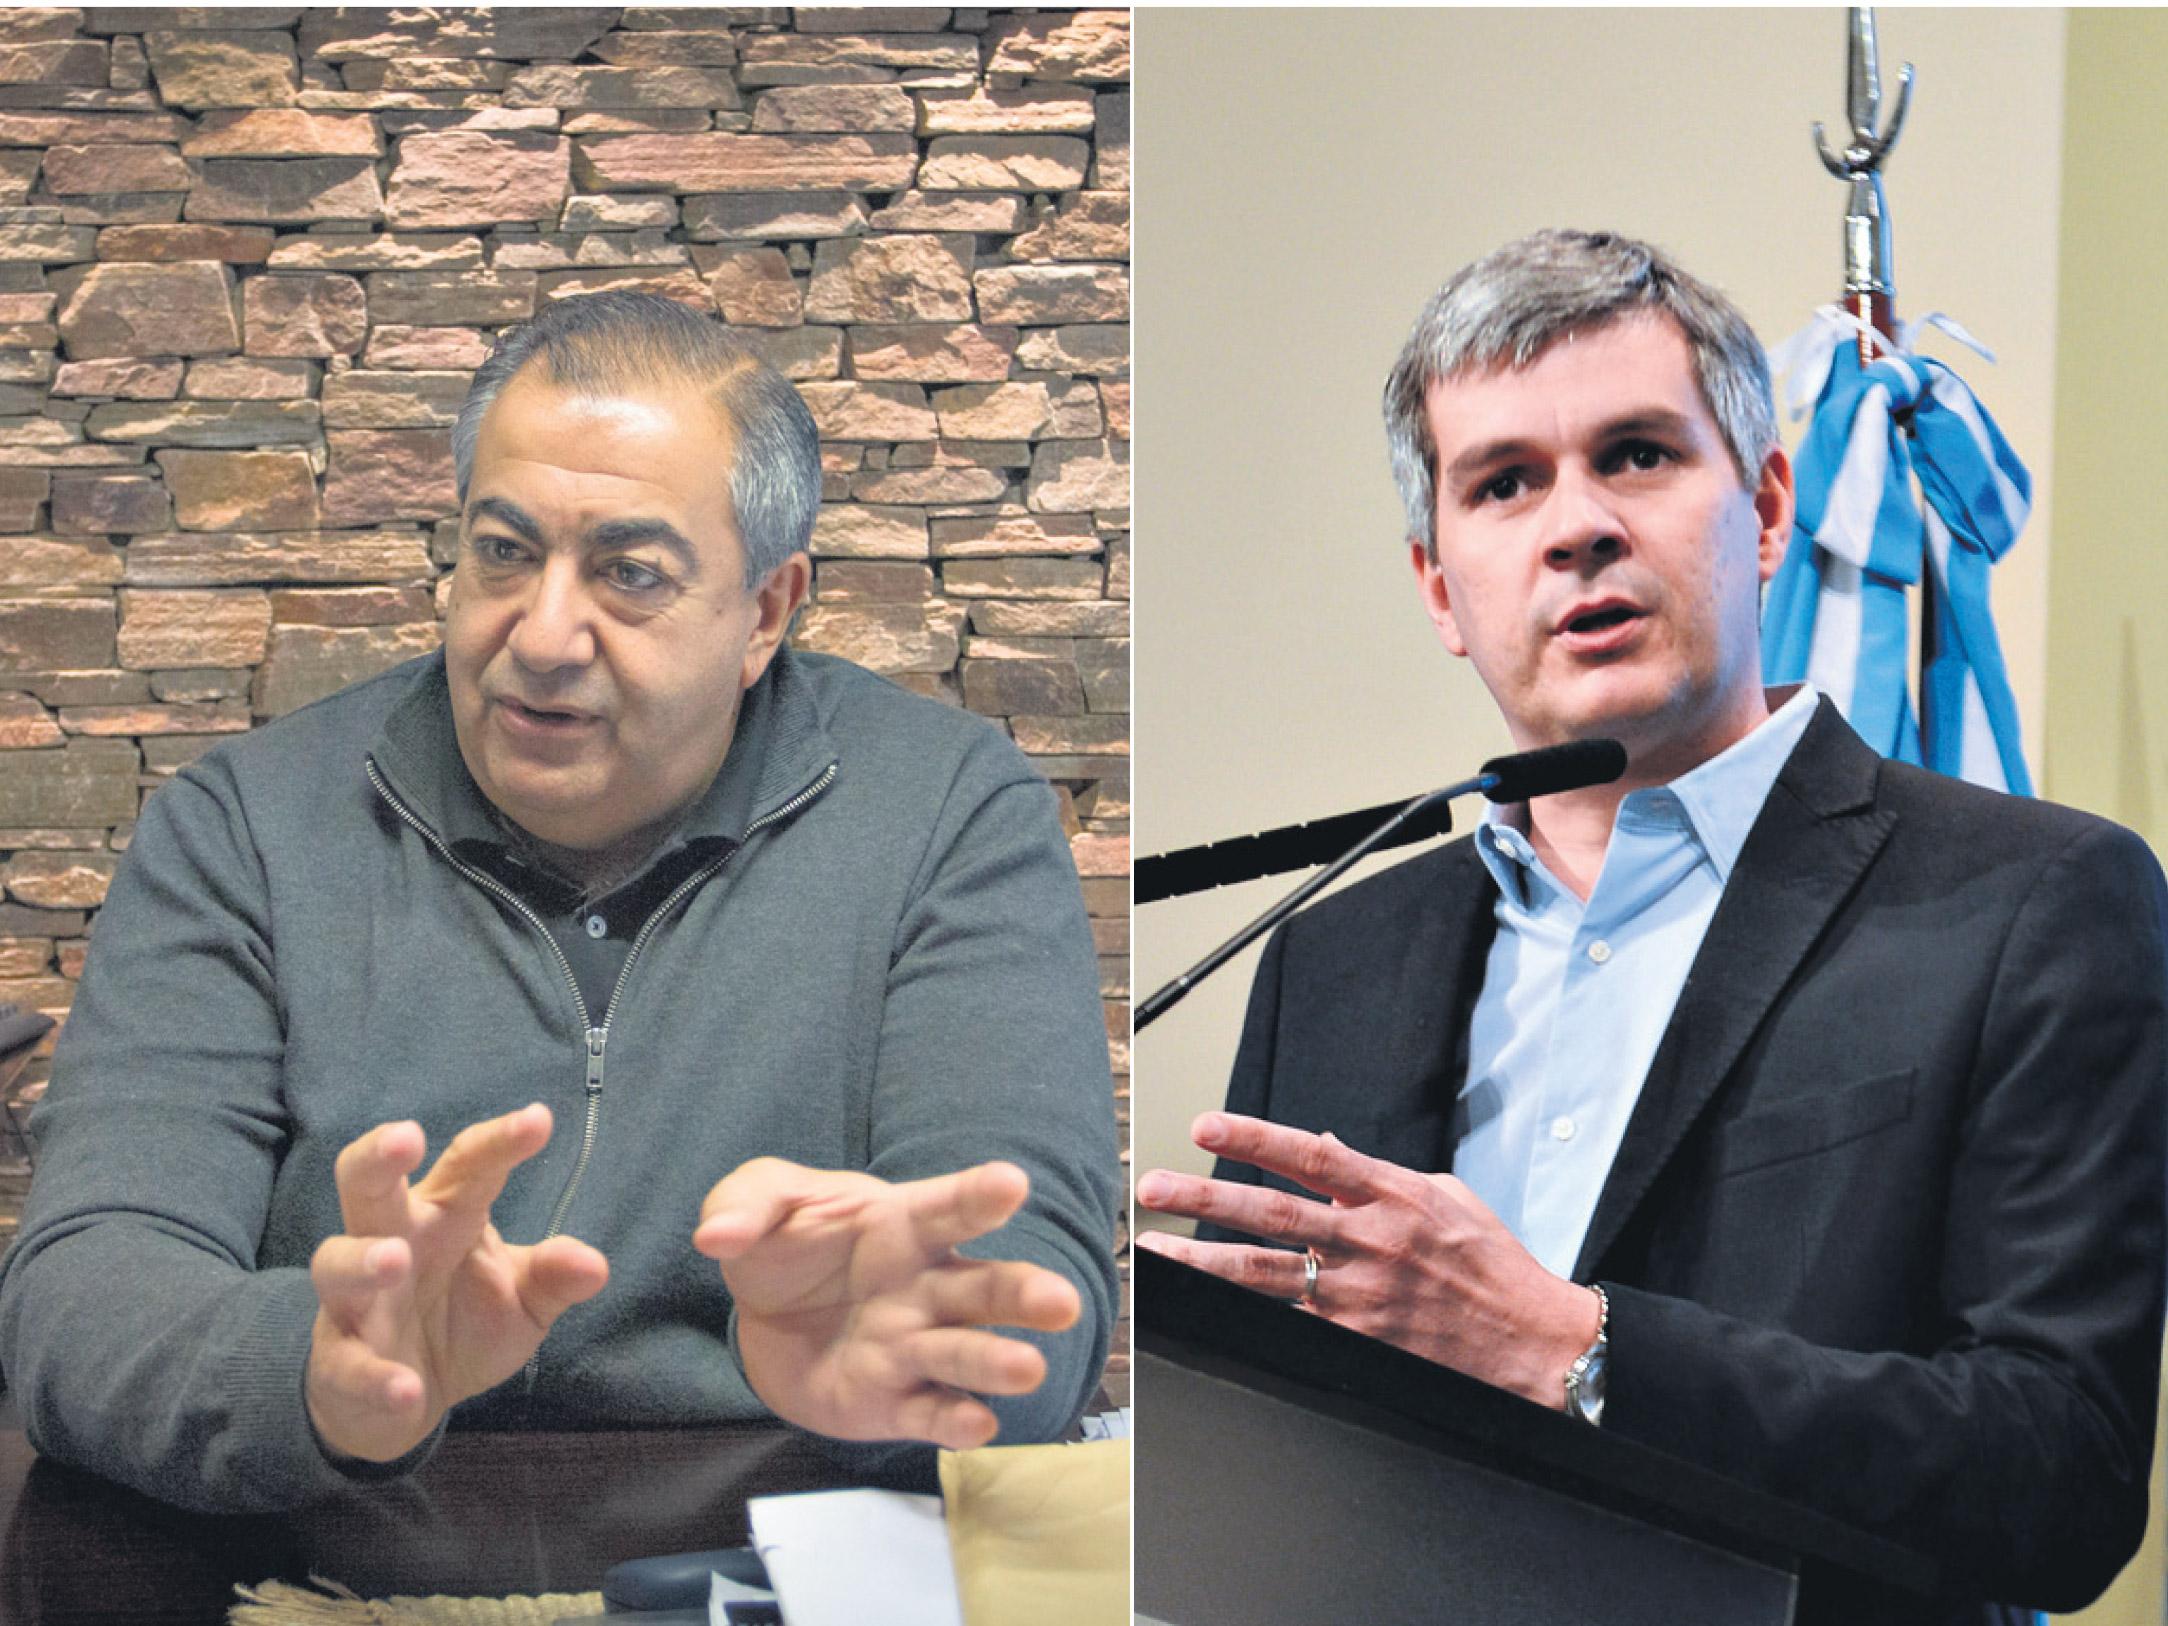 El integrante de la conducción de la CGT, Héctor Daer, y el jefe de Gabinete, Marcos Peña, se cruzaron por los convenios colectivos. (Fuente: Kala Moreno Parra/DyN)